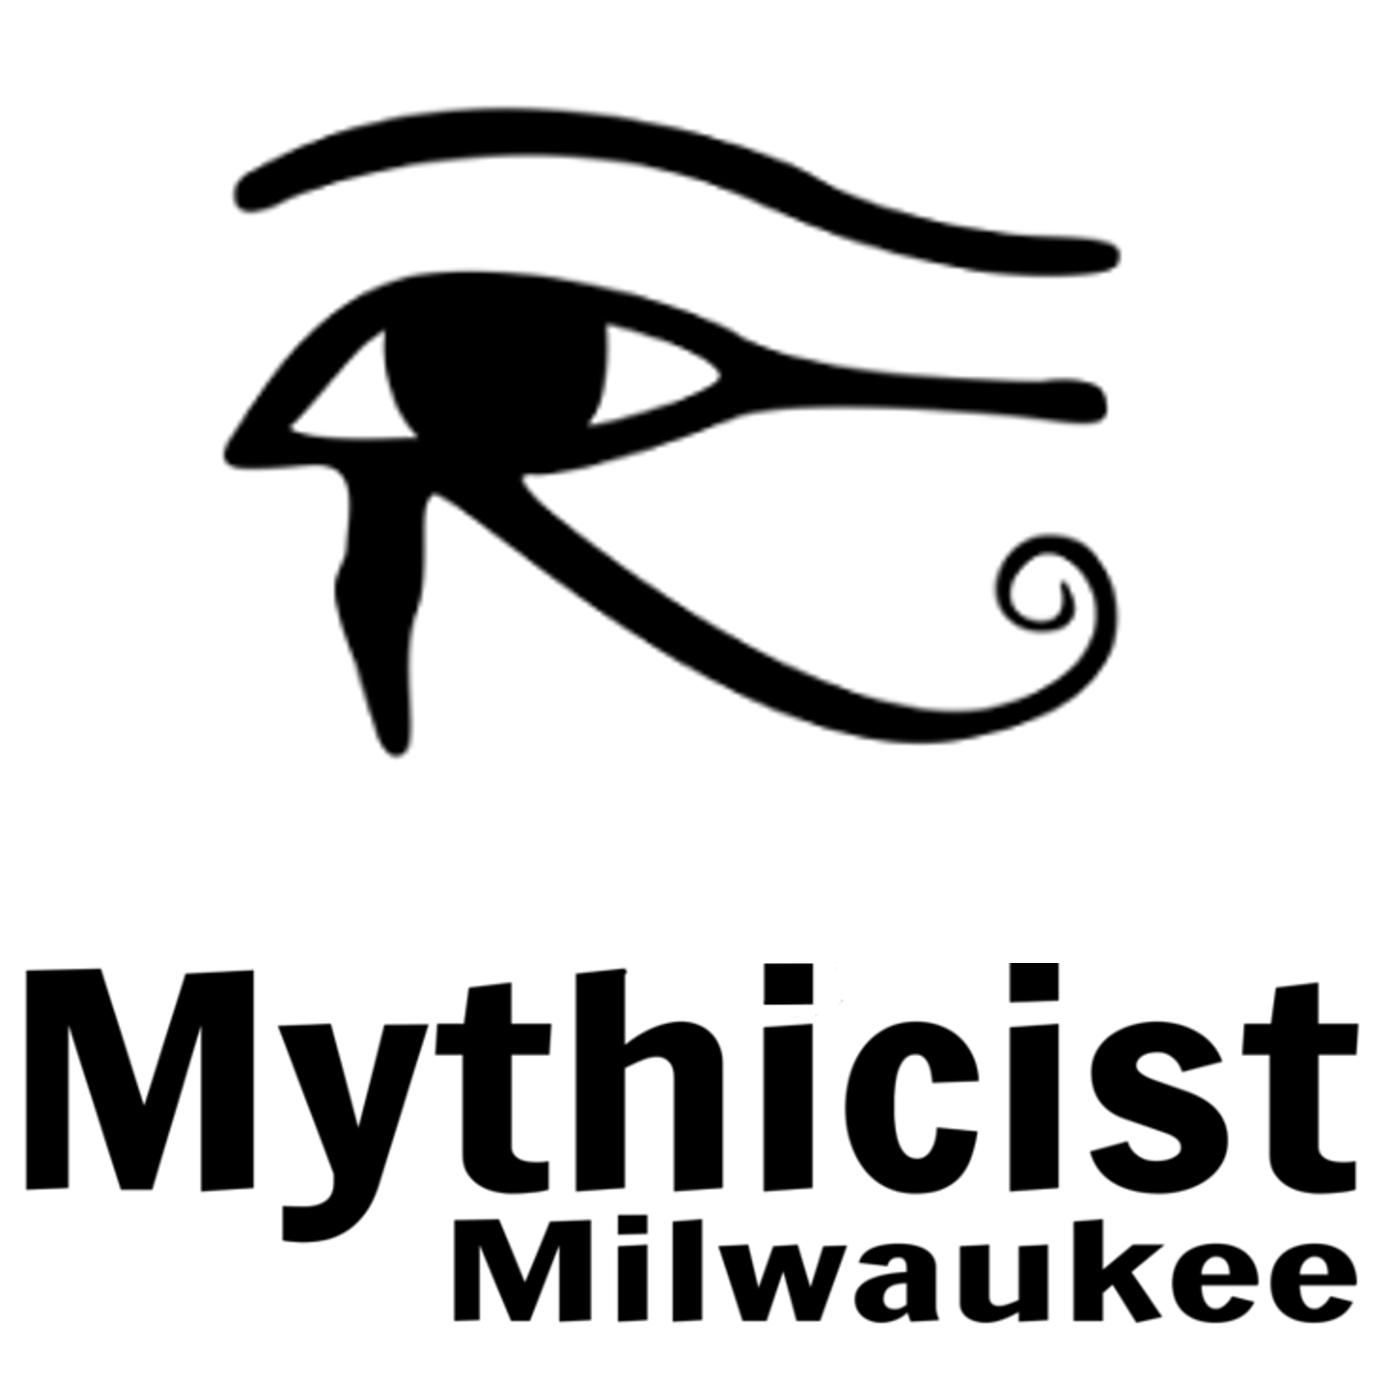 The Mythicist Milwaukee Show - Mythicist Milwaukee